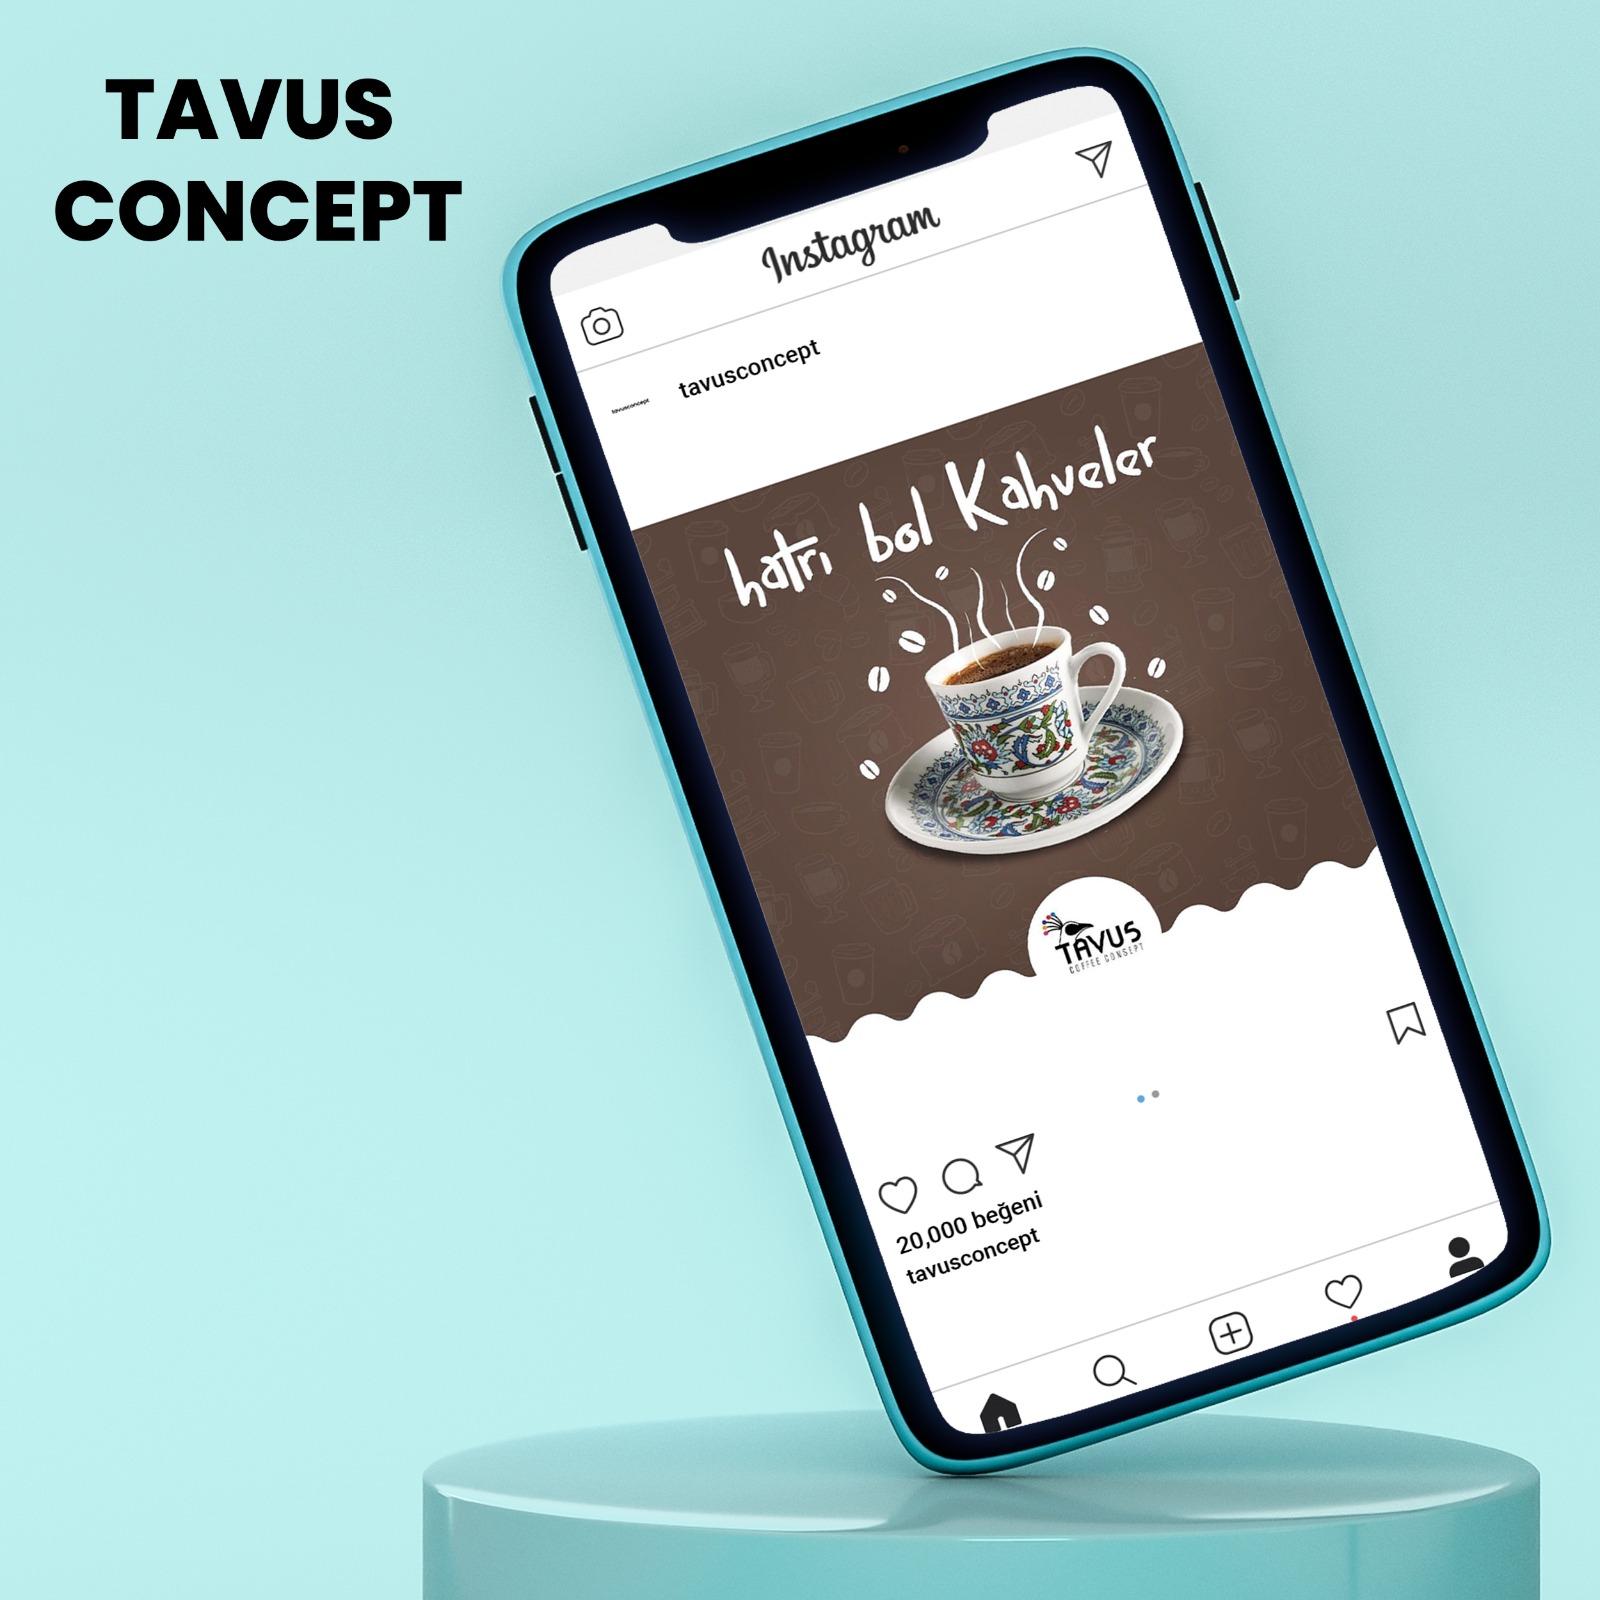 Tavus Concept